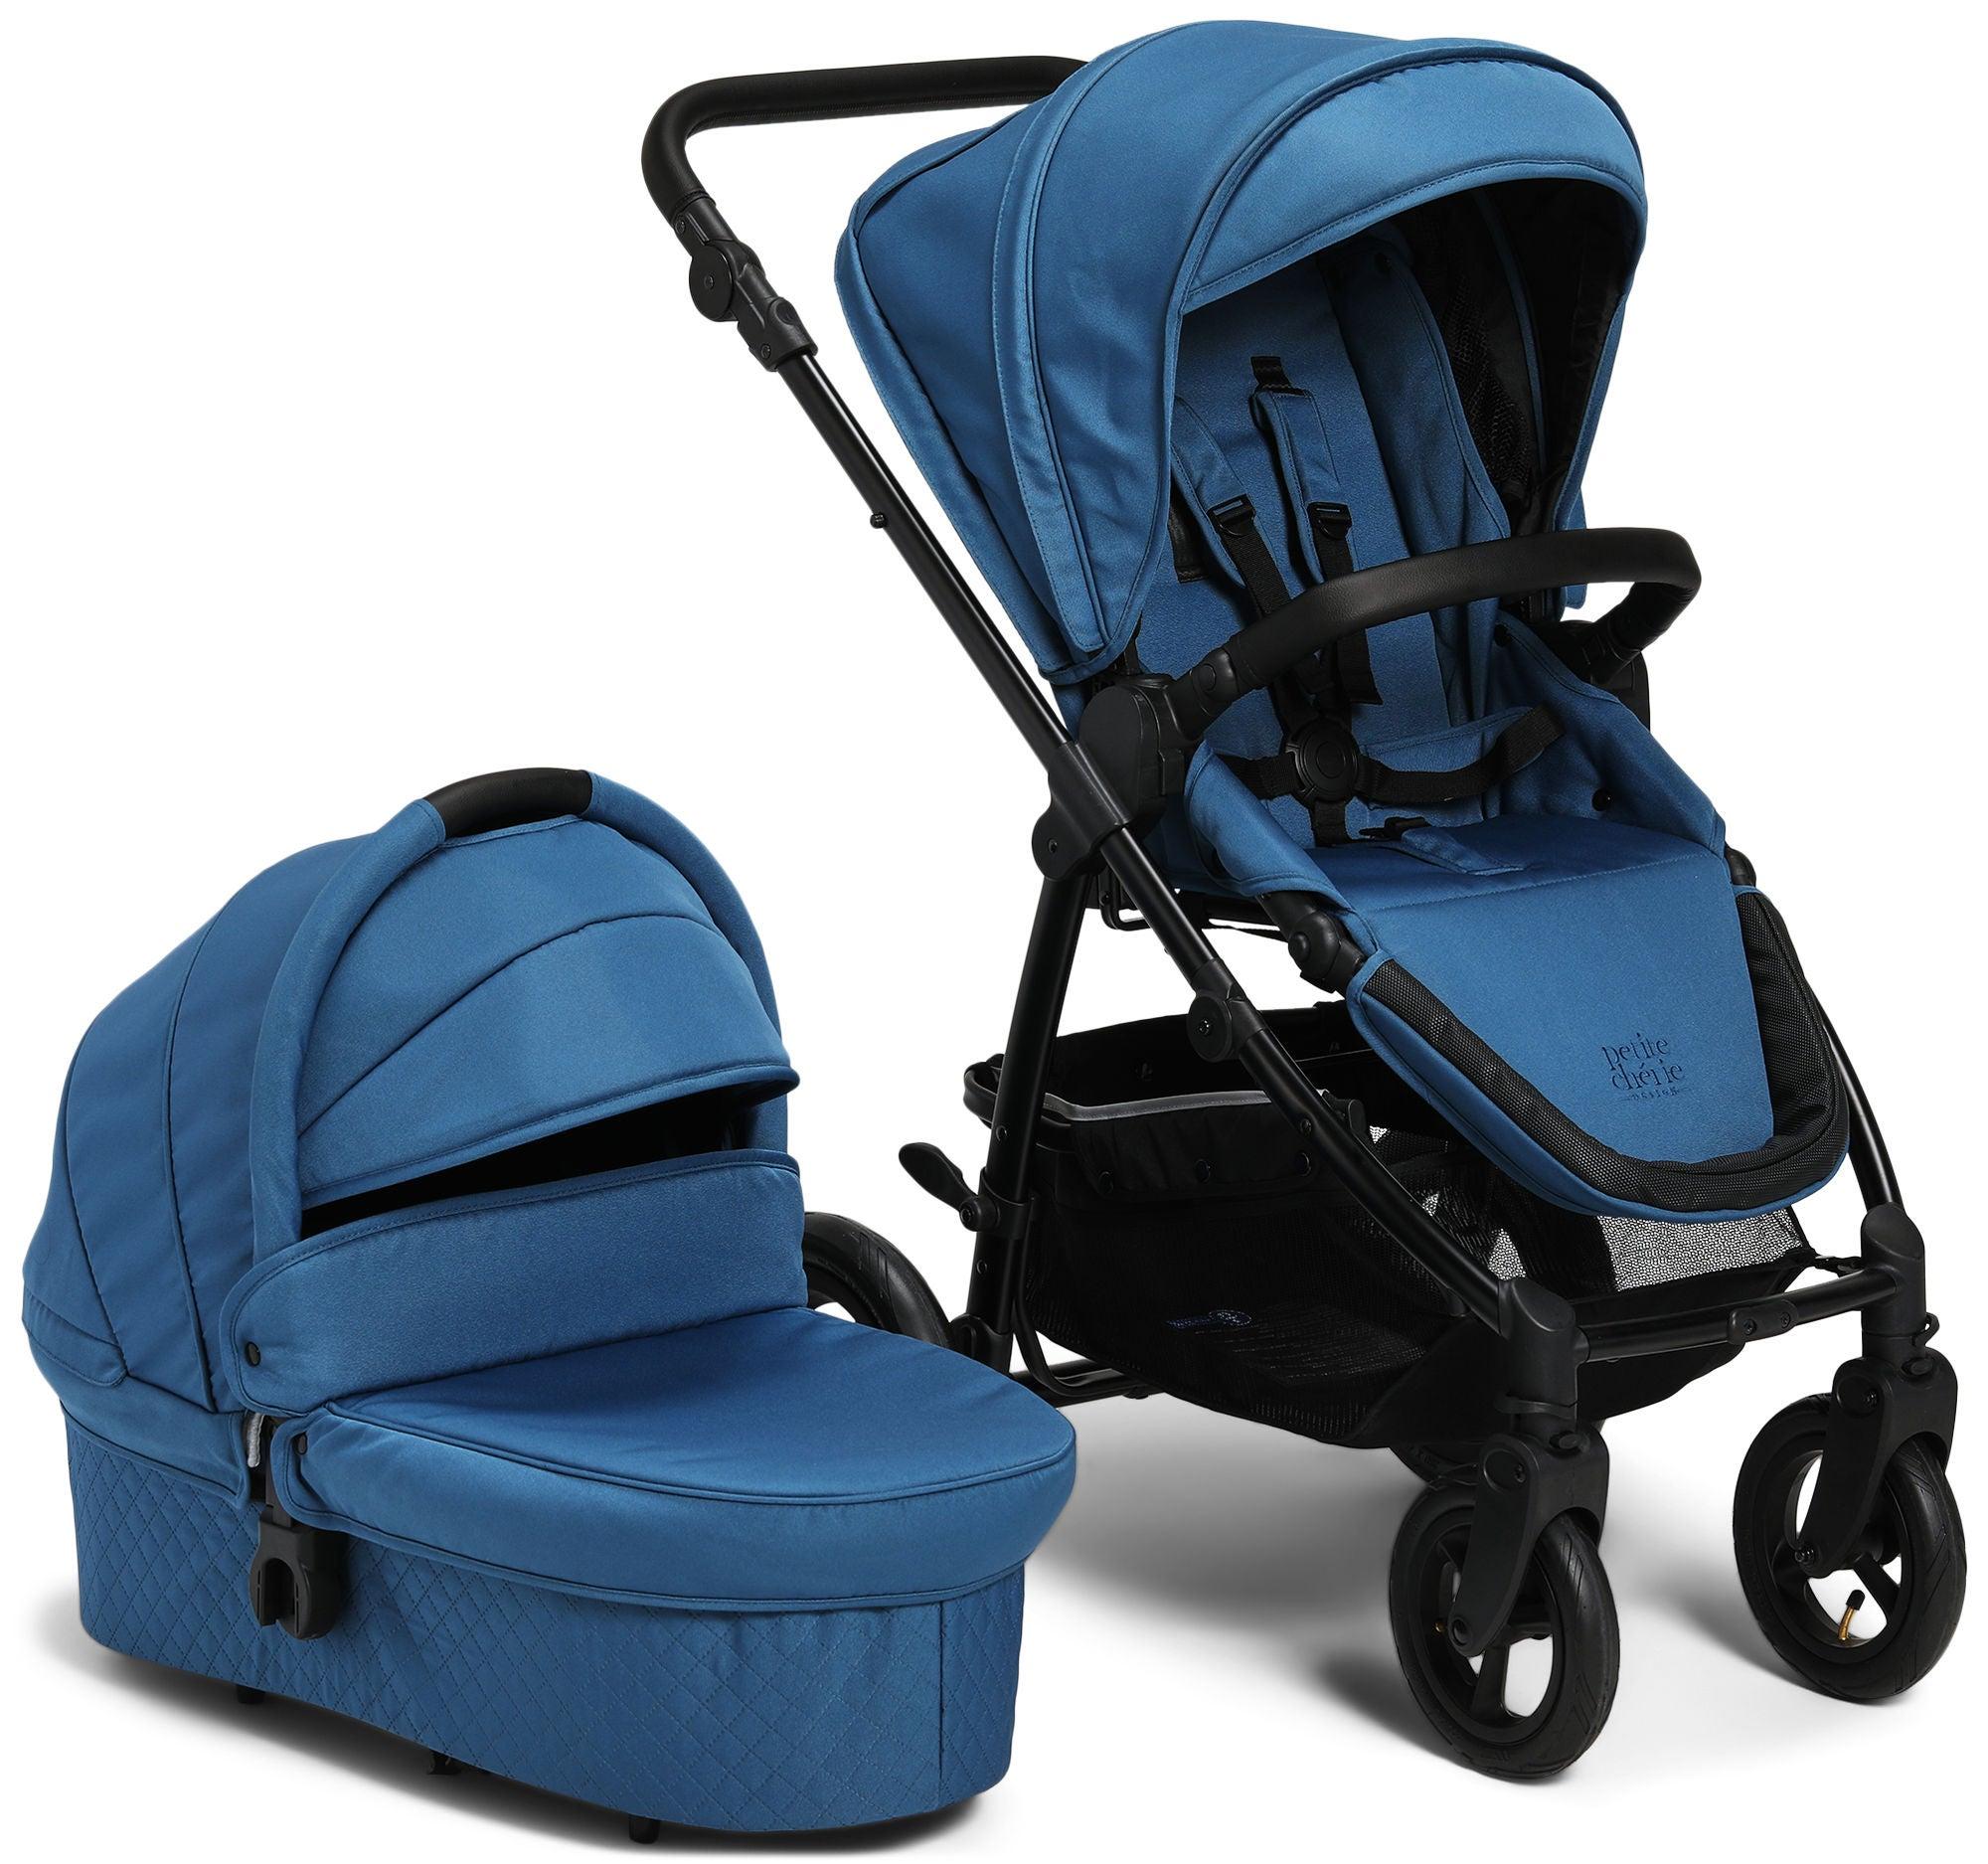 Petite Chérie Heritage 2 Duovagn, Blue/Black